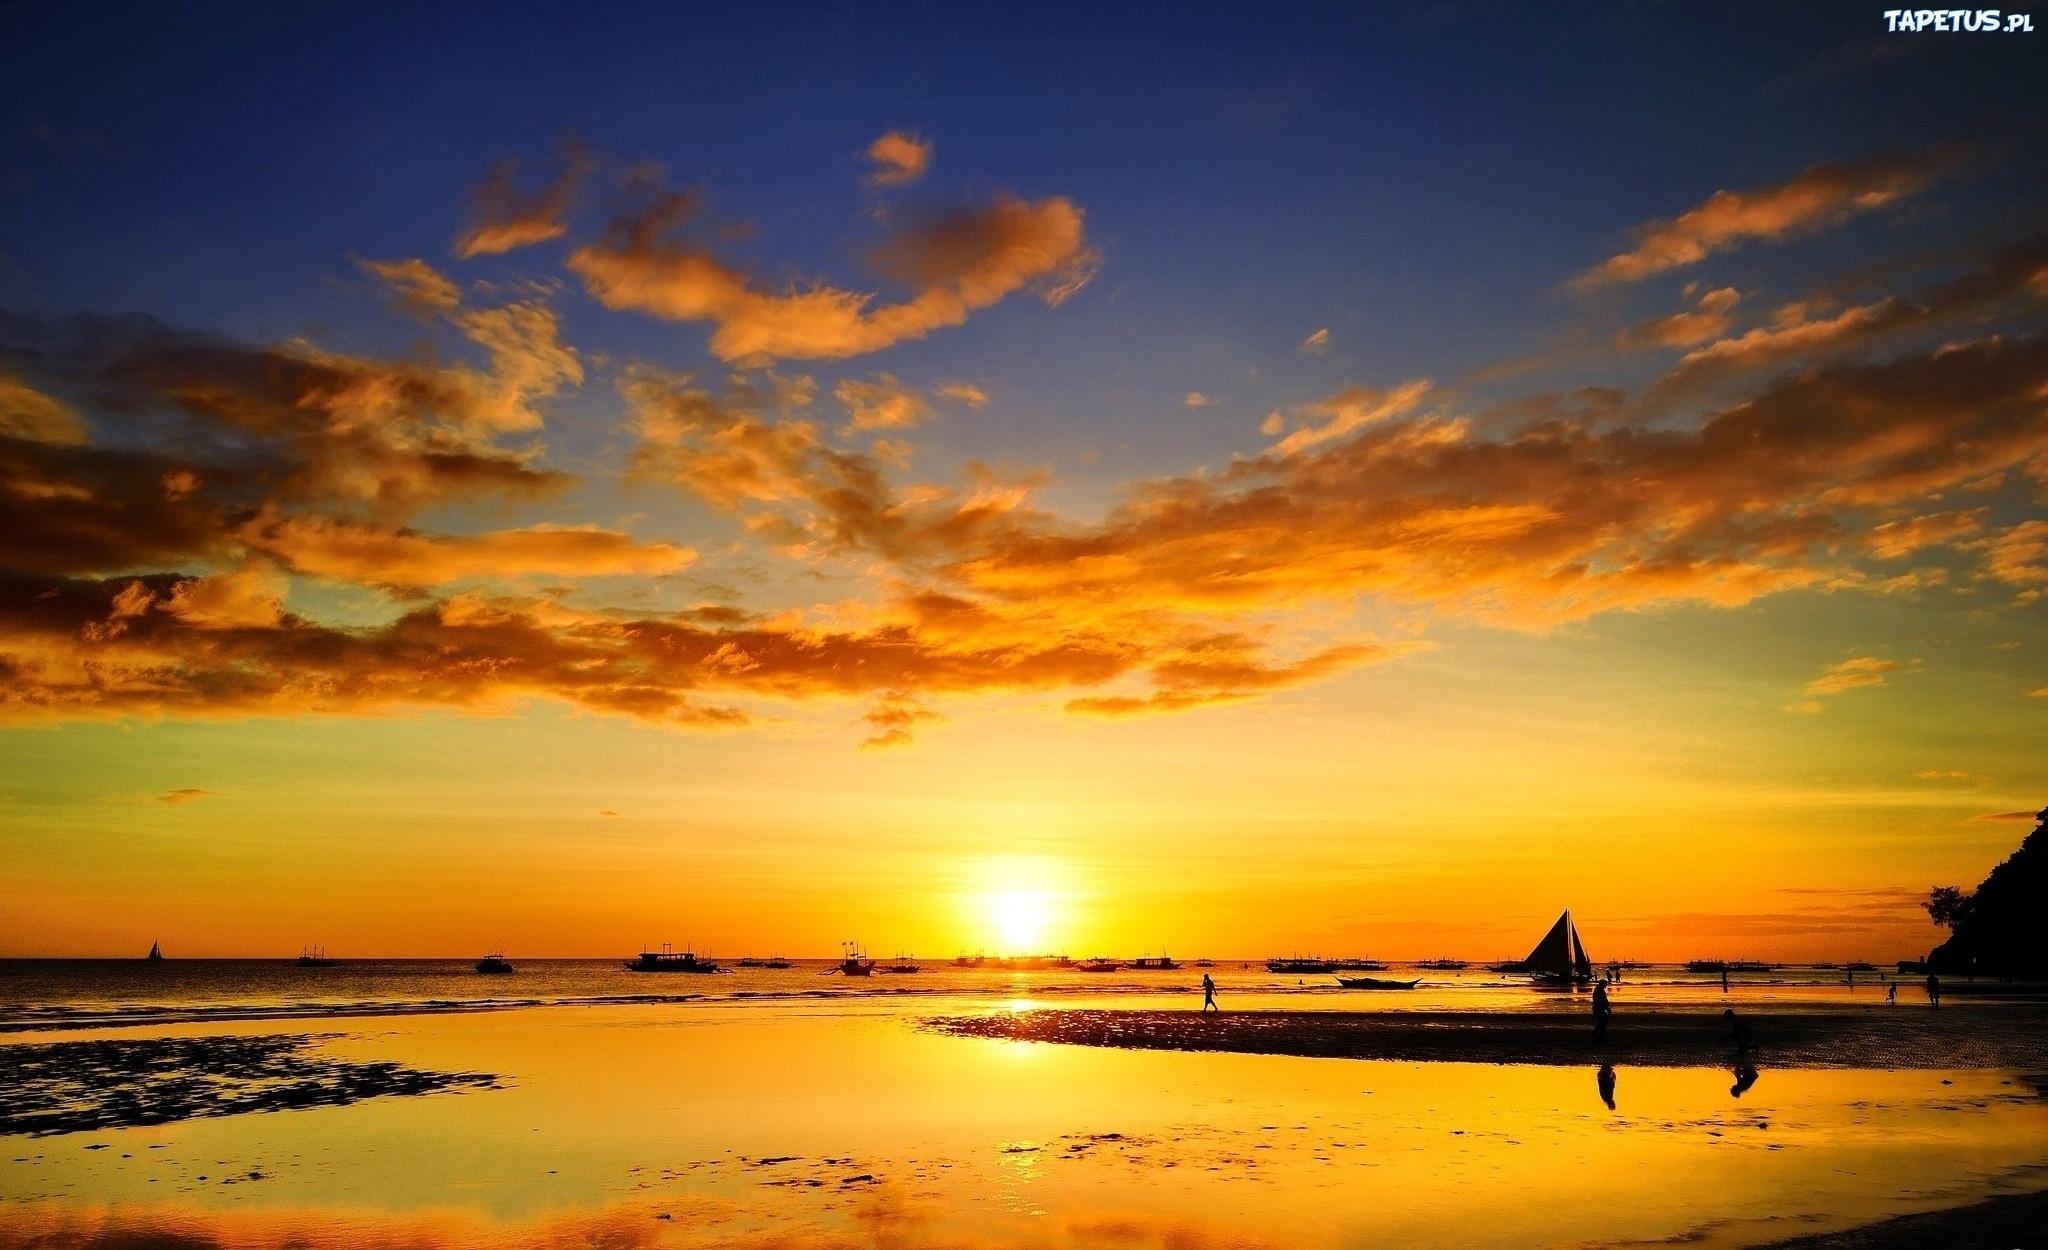 золотистый закат над морем  № 184486 бесплатно